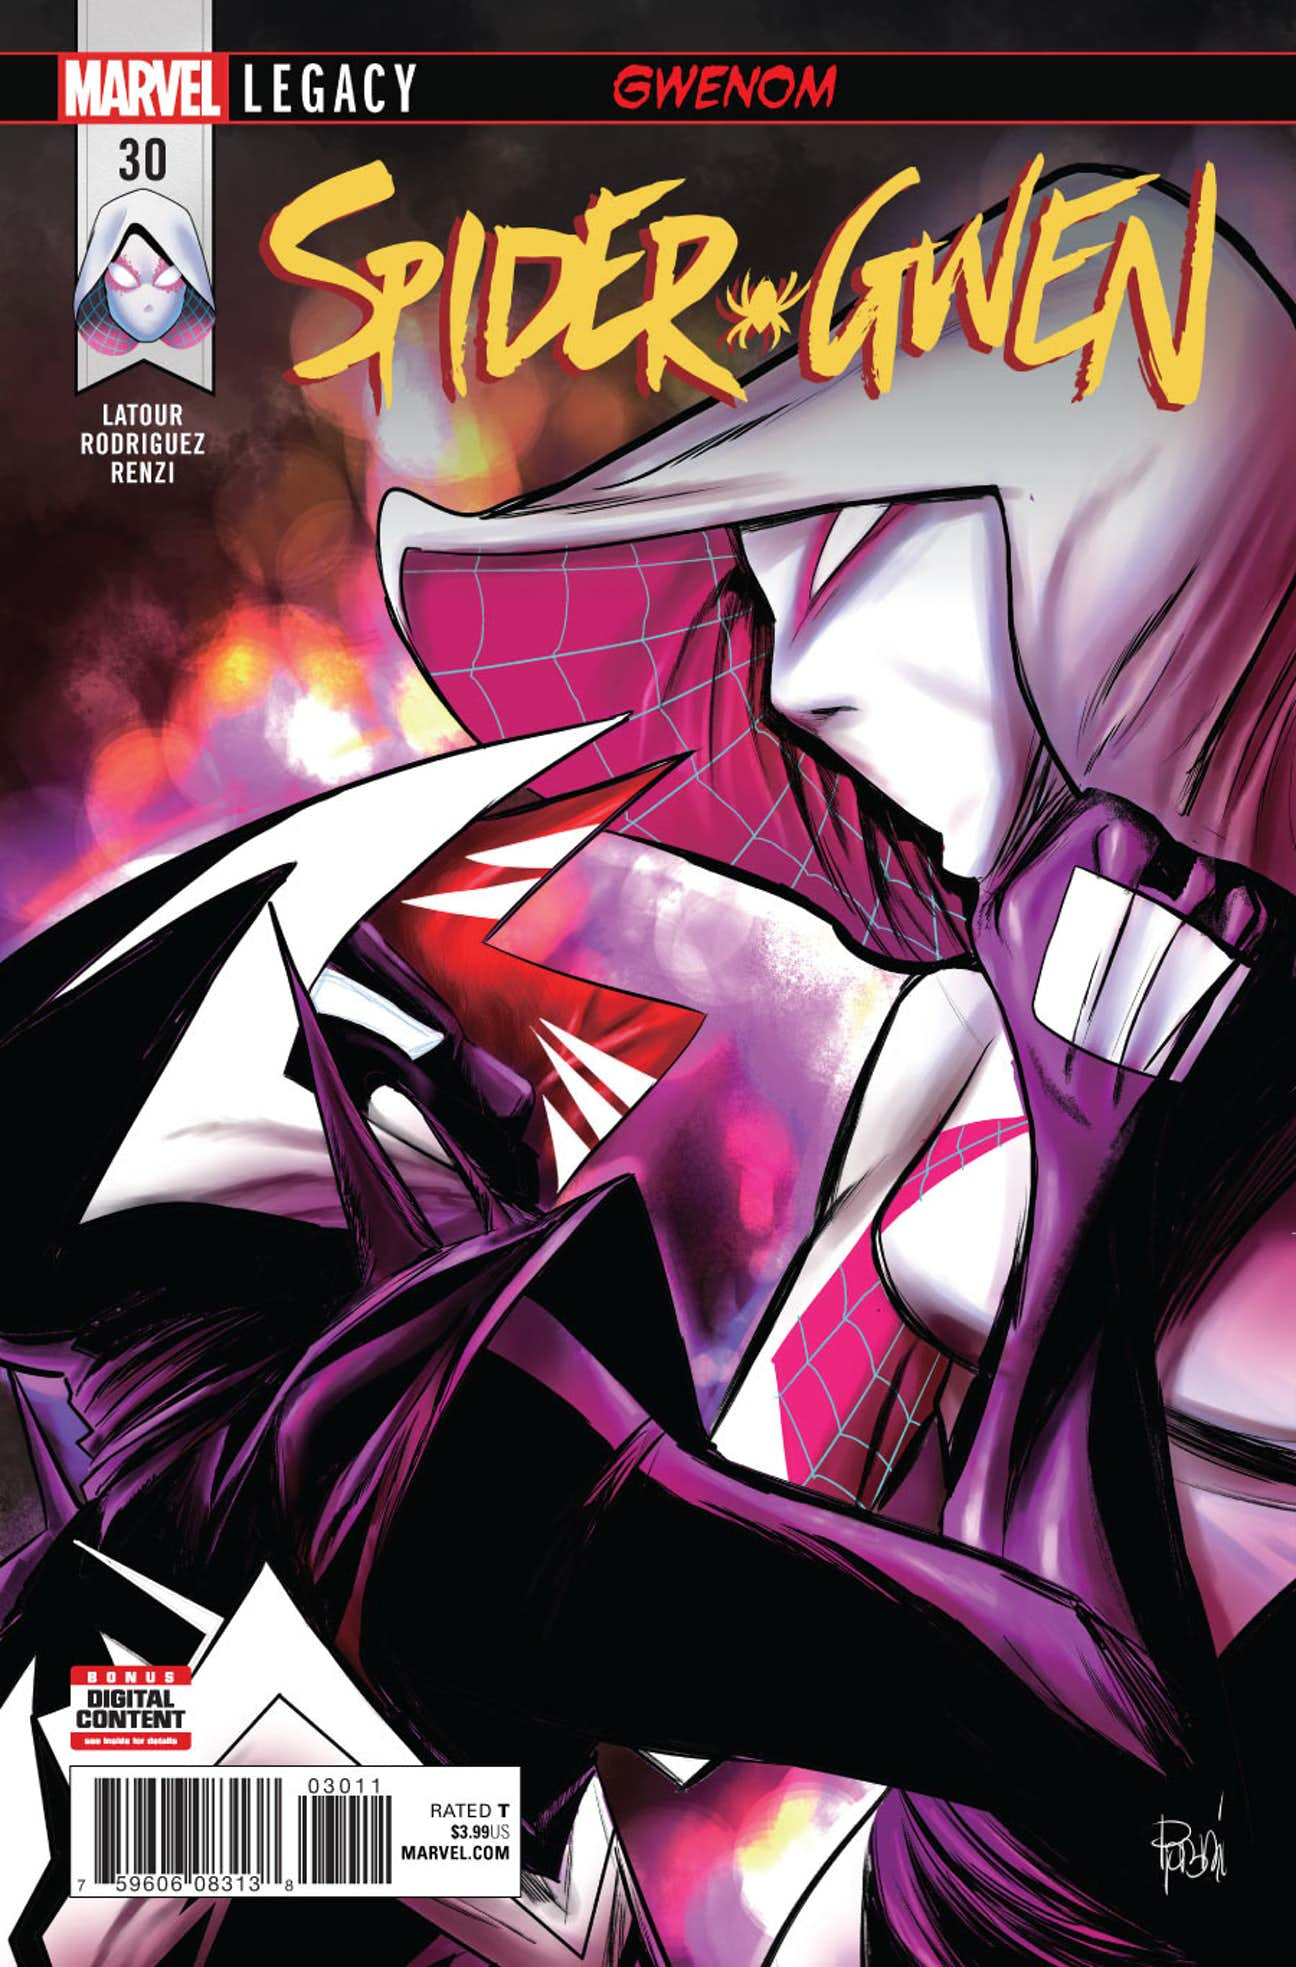 Spider-Gwen #30